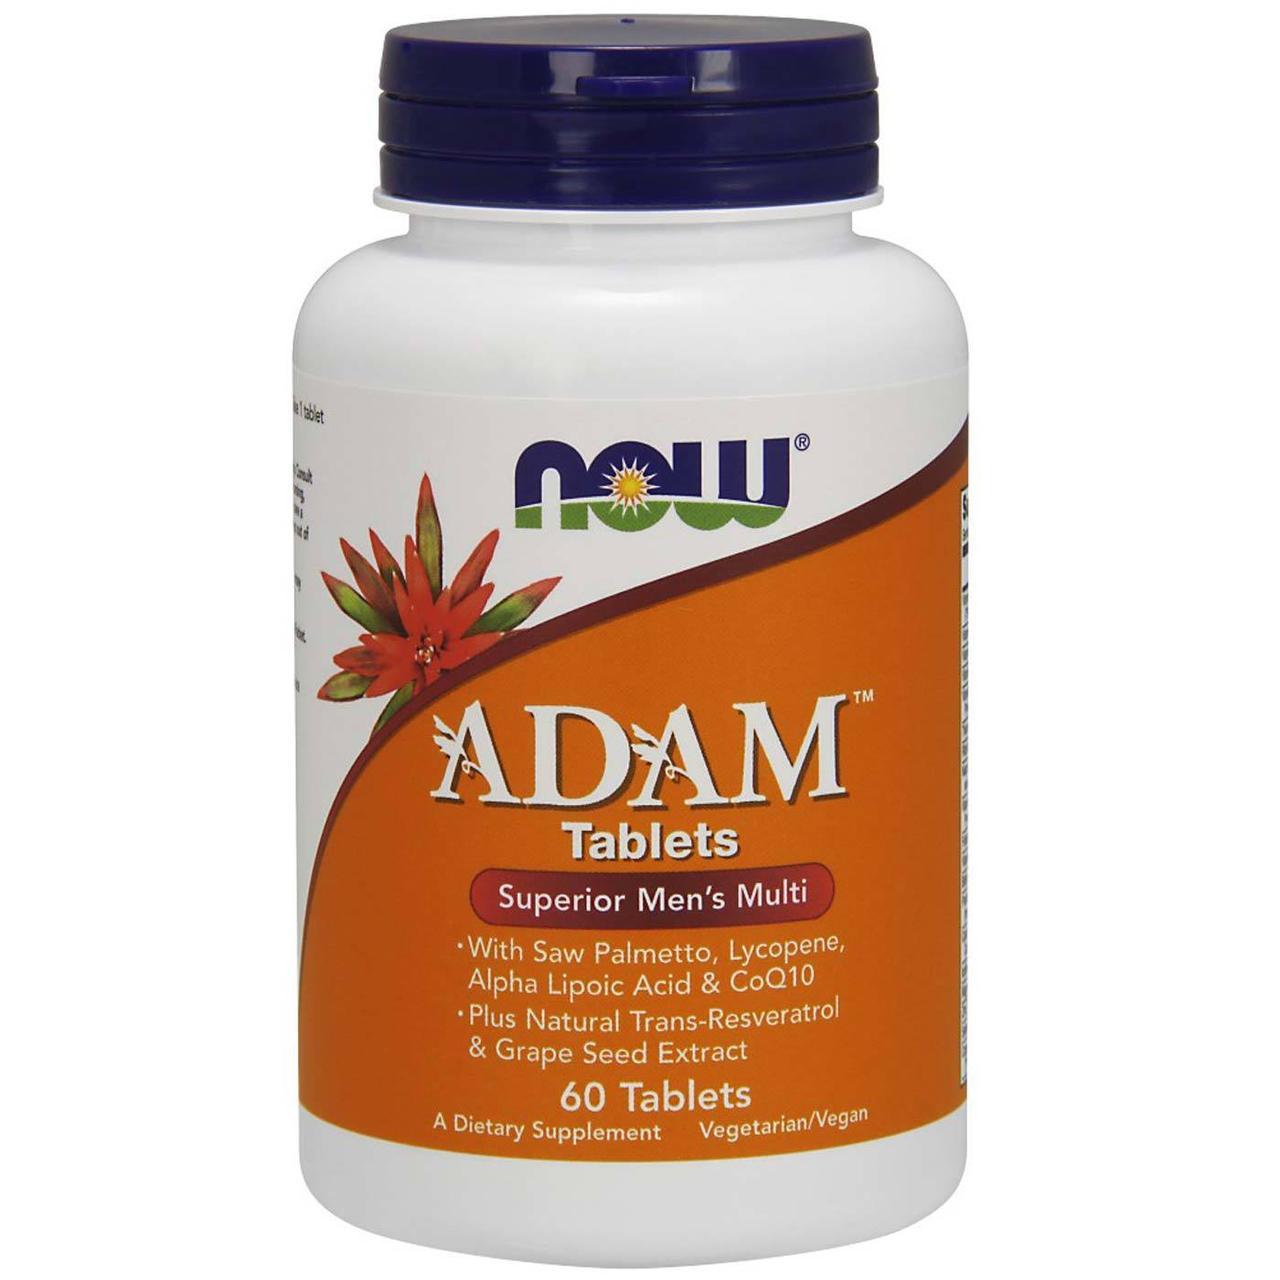 Супер Мультивітаміни для Чоловіків, Adam, Now Foods, 60 таблеток